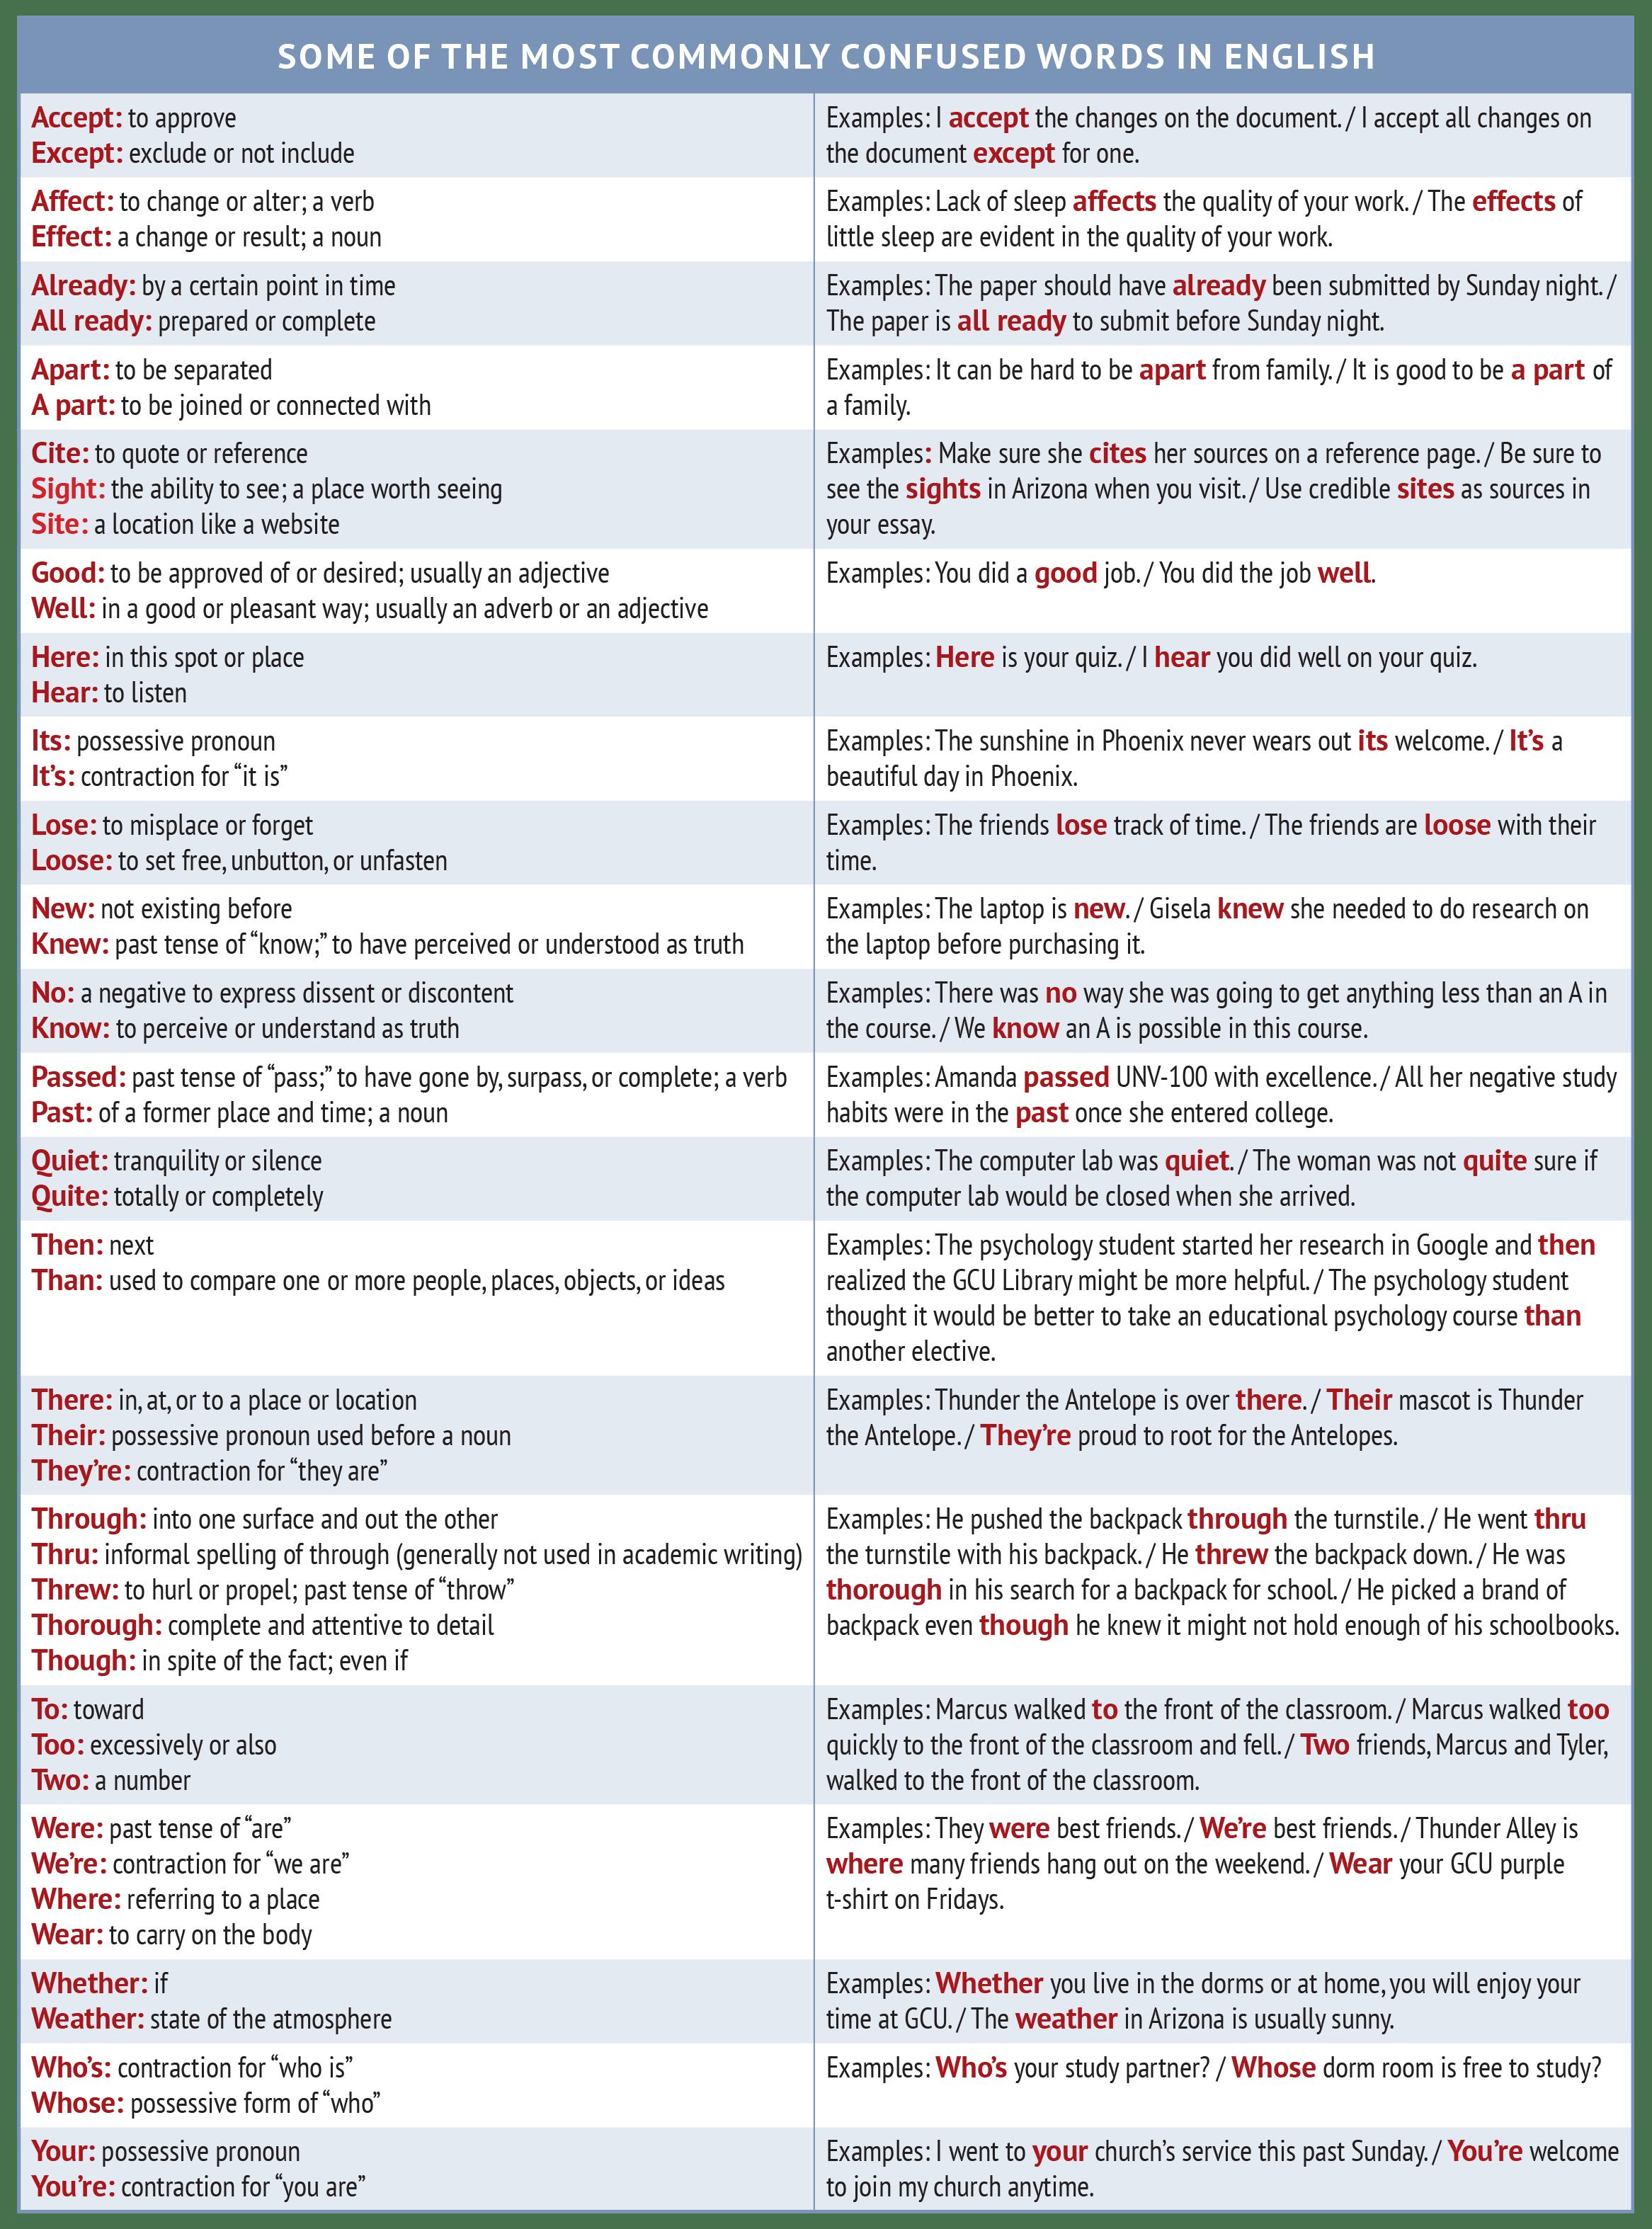 Confused Words Worksheet